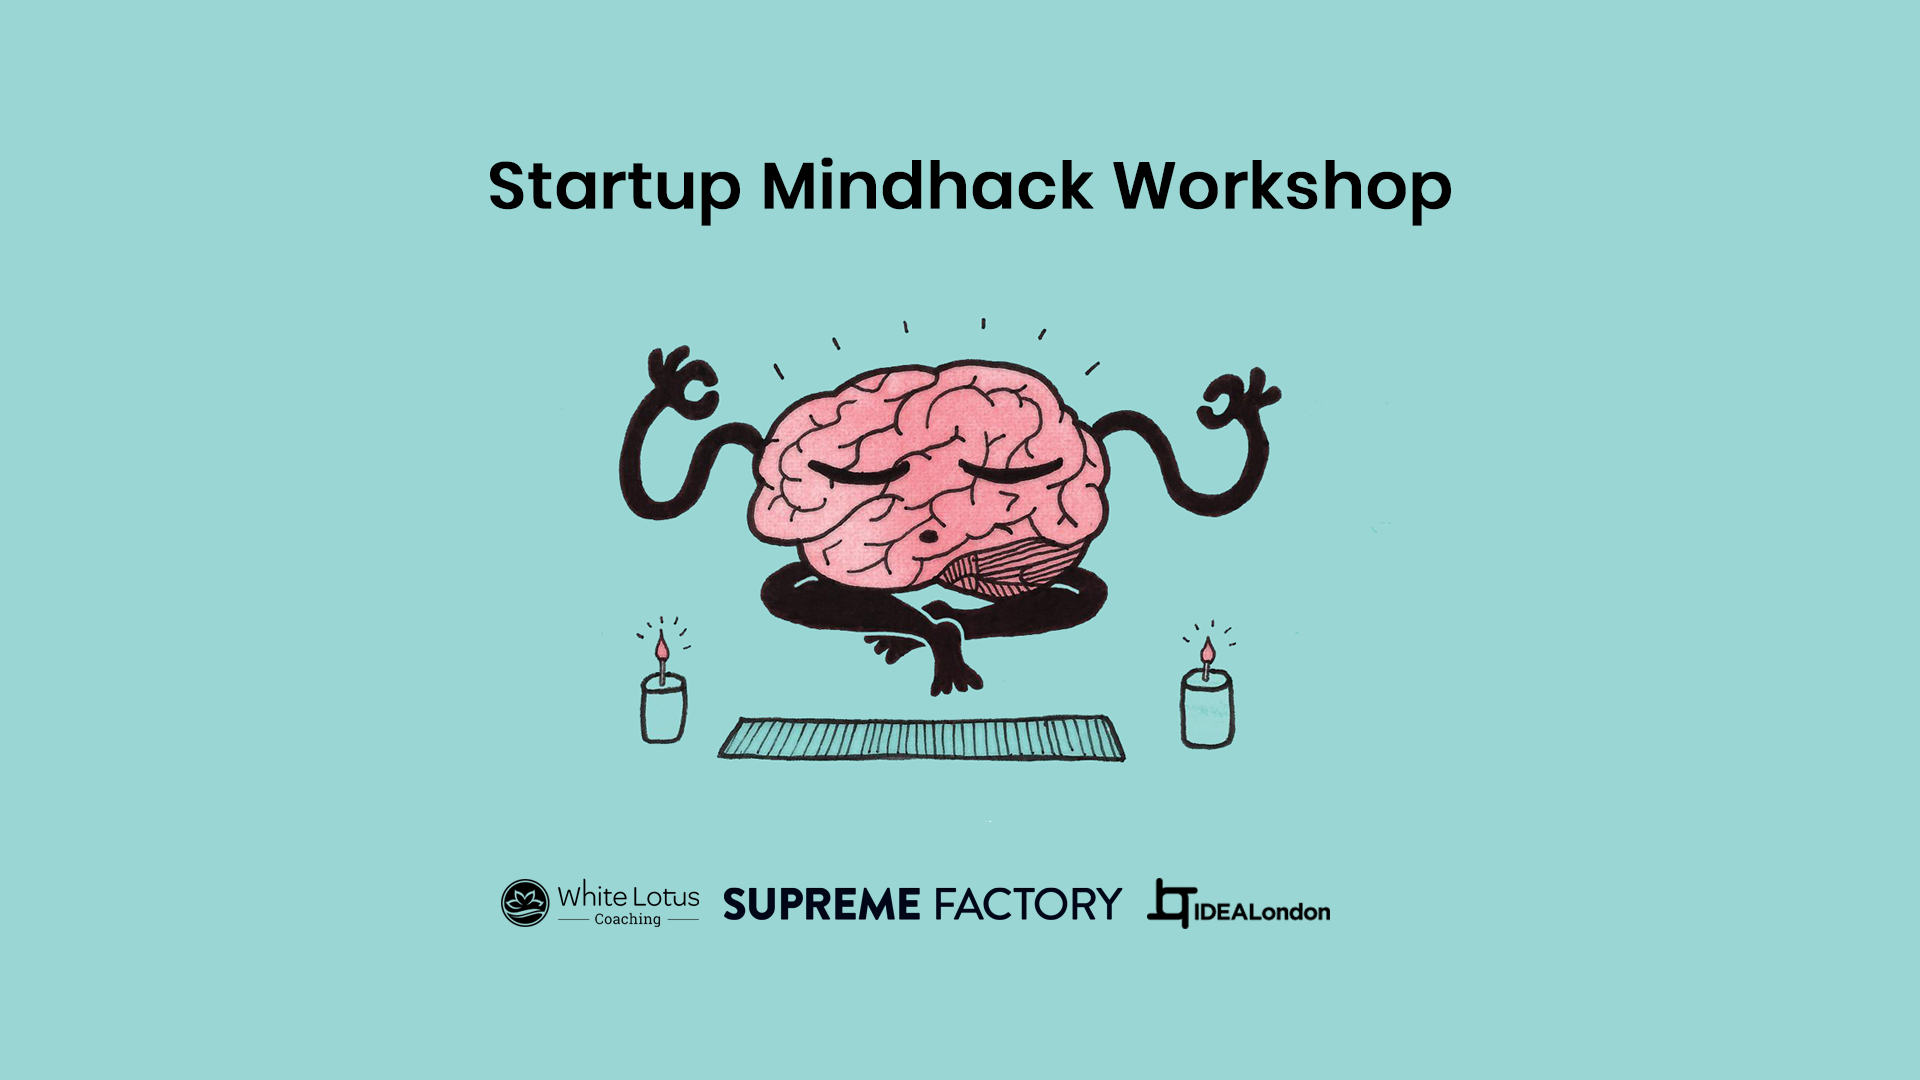 _Startup-Mindhack-Workshop-IDEALondon